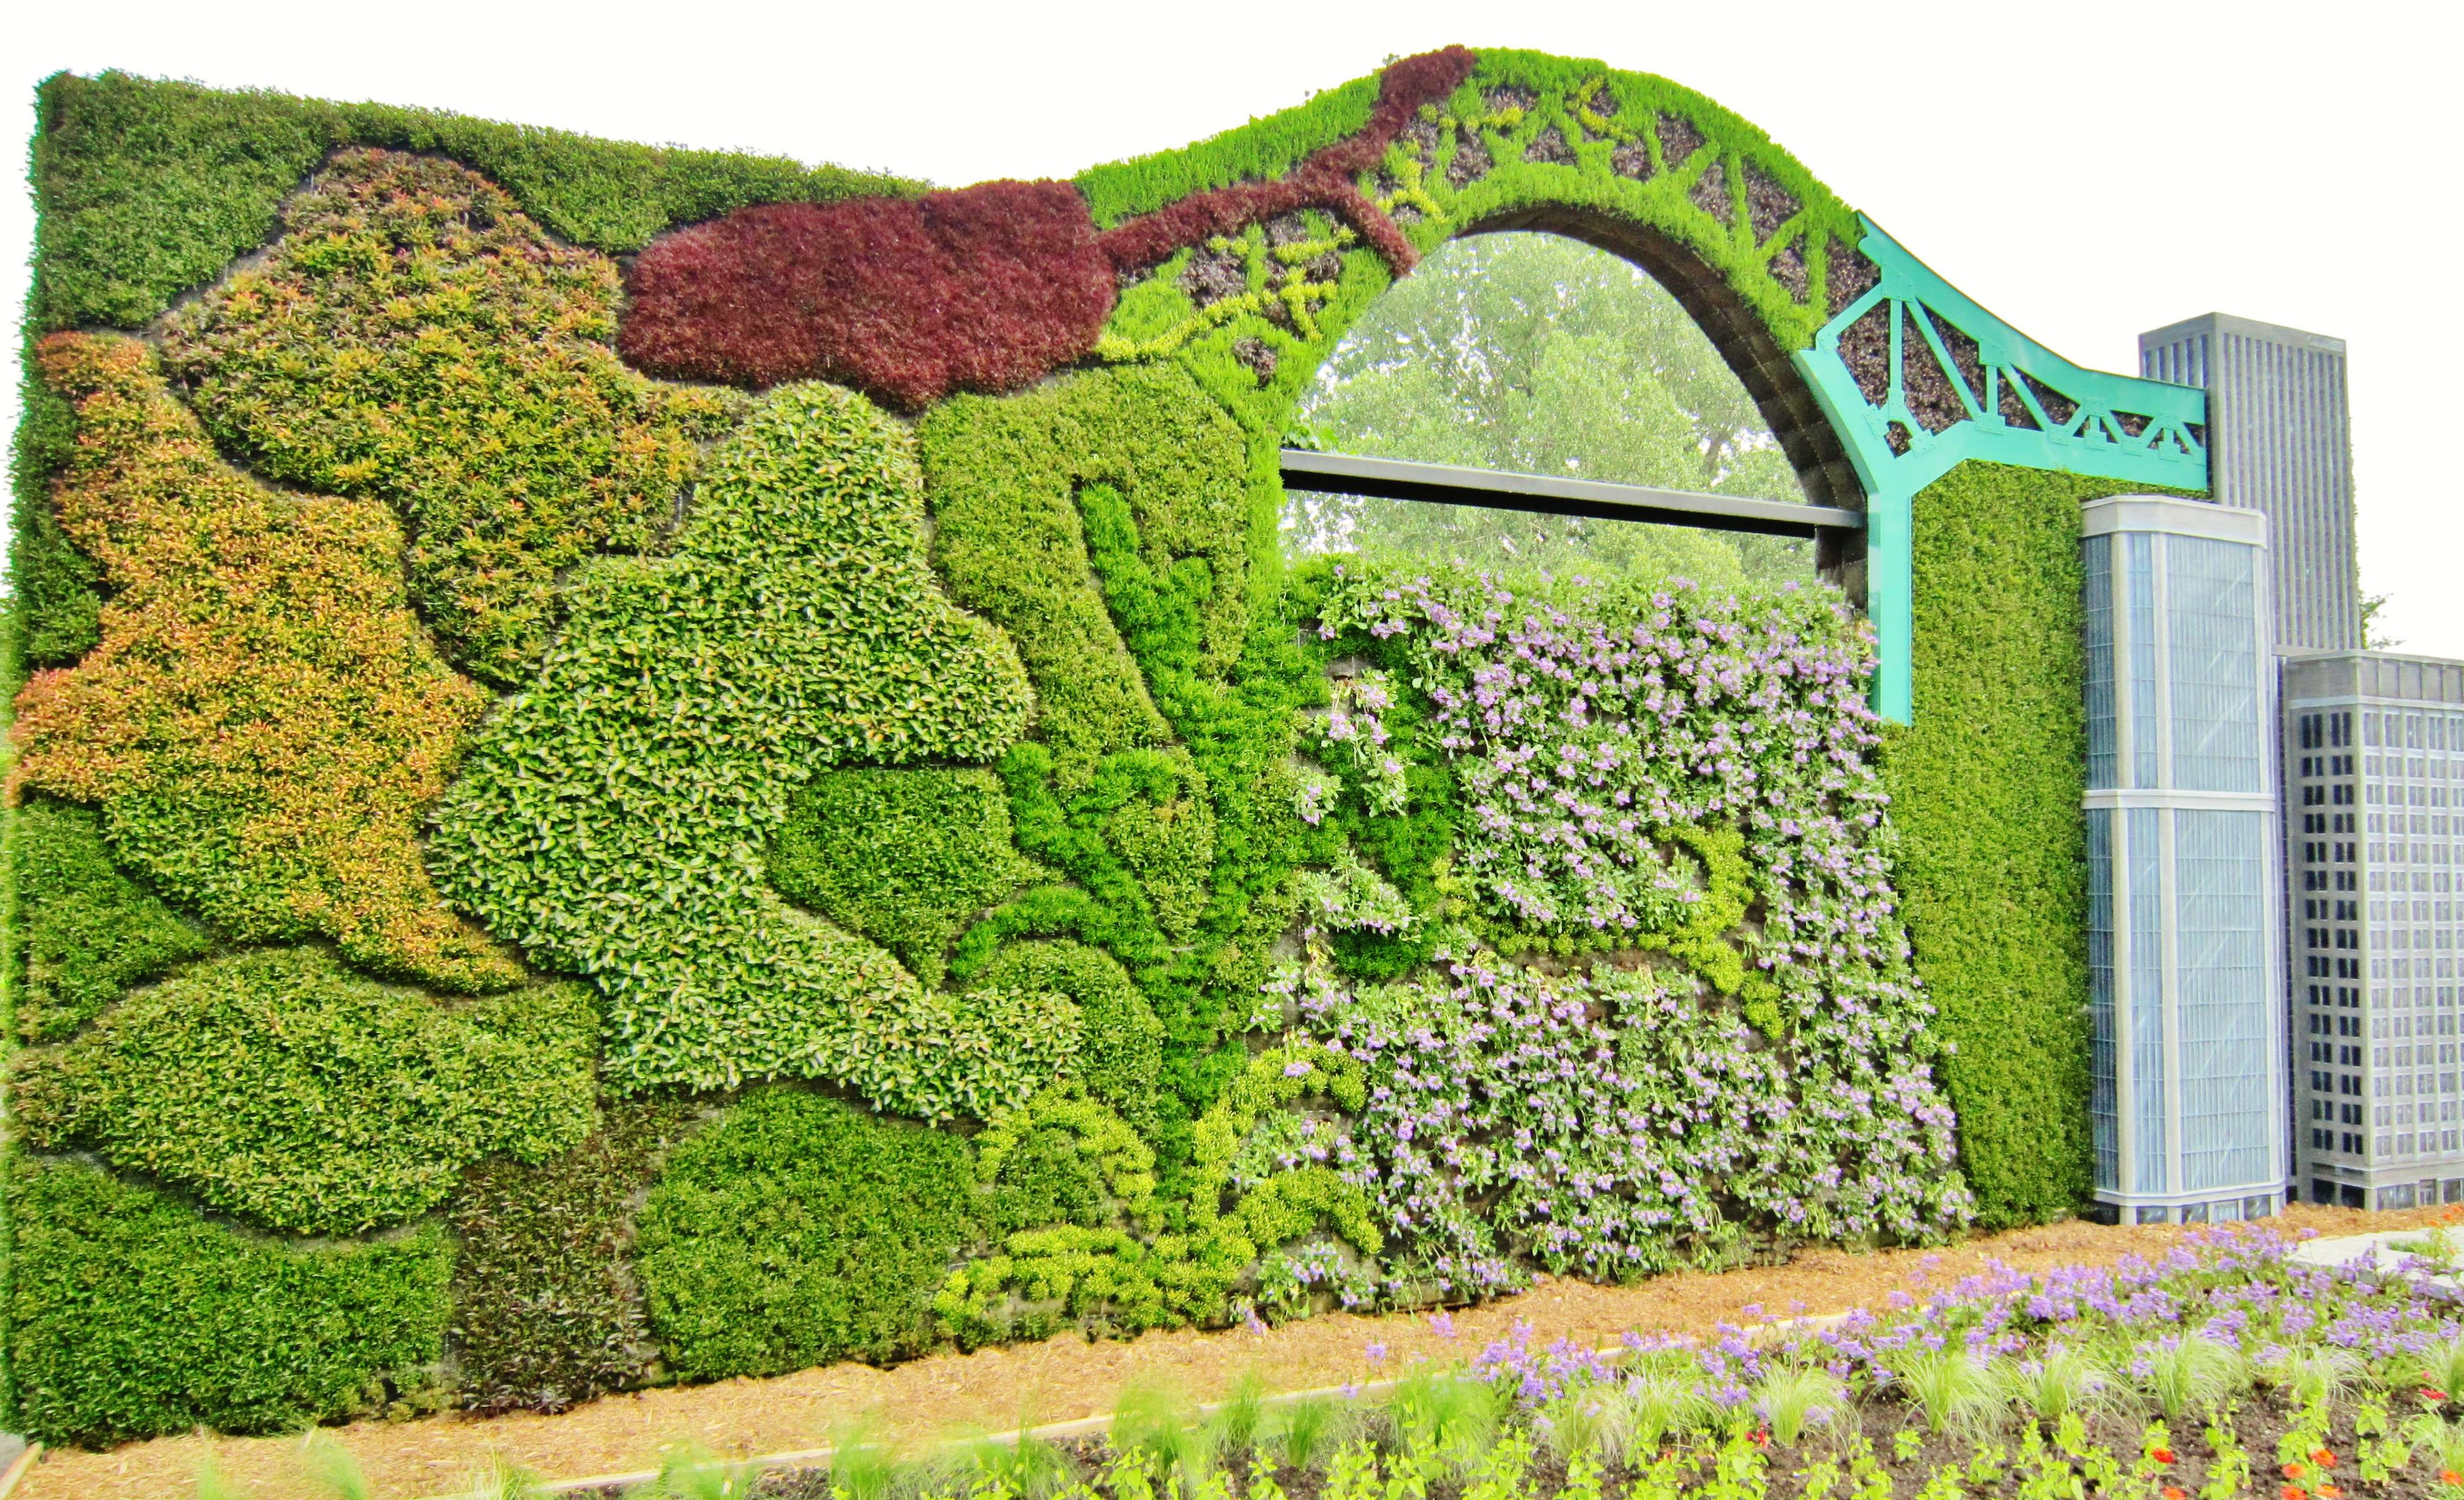 File:Construction Du0027un Mur En Mosaïculture Au Jardin Botanique De Montréal.